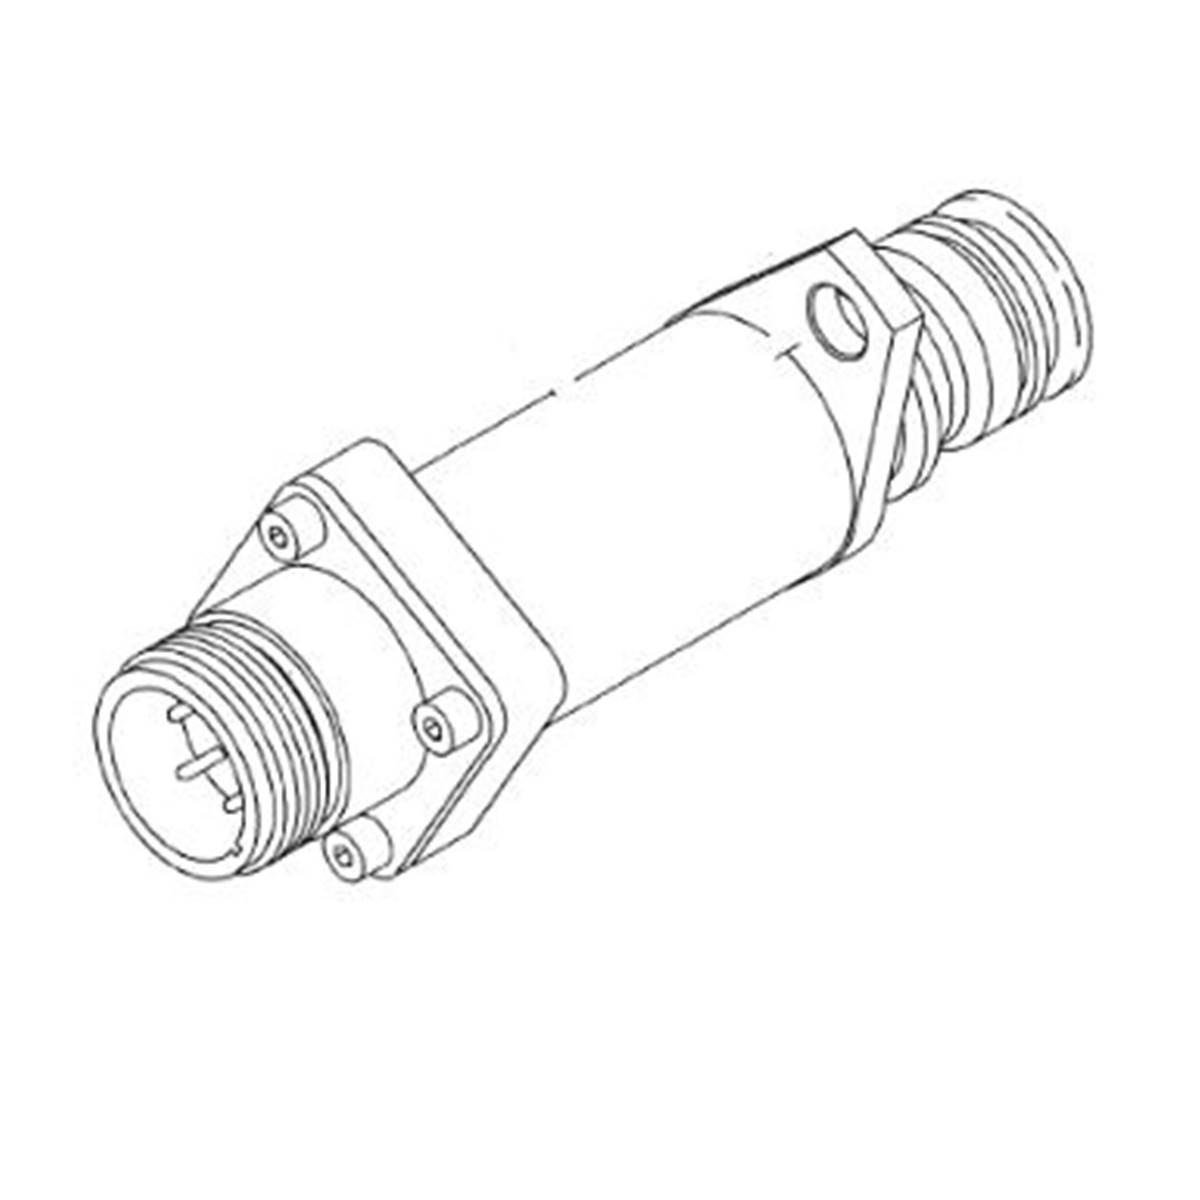 Filter Preblockage Pressure Switch Pn Rev For